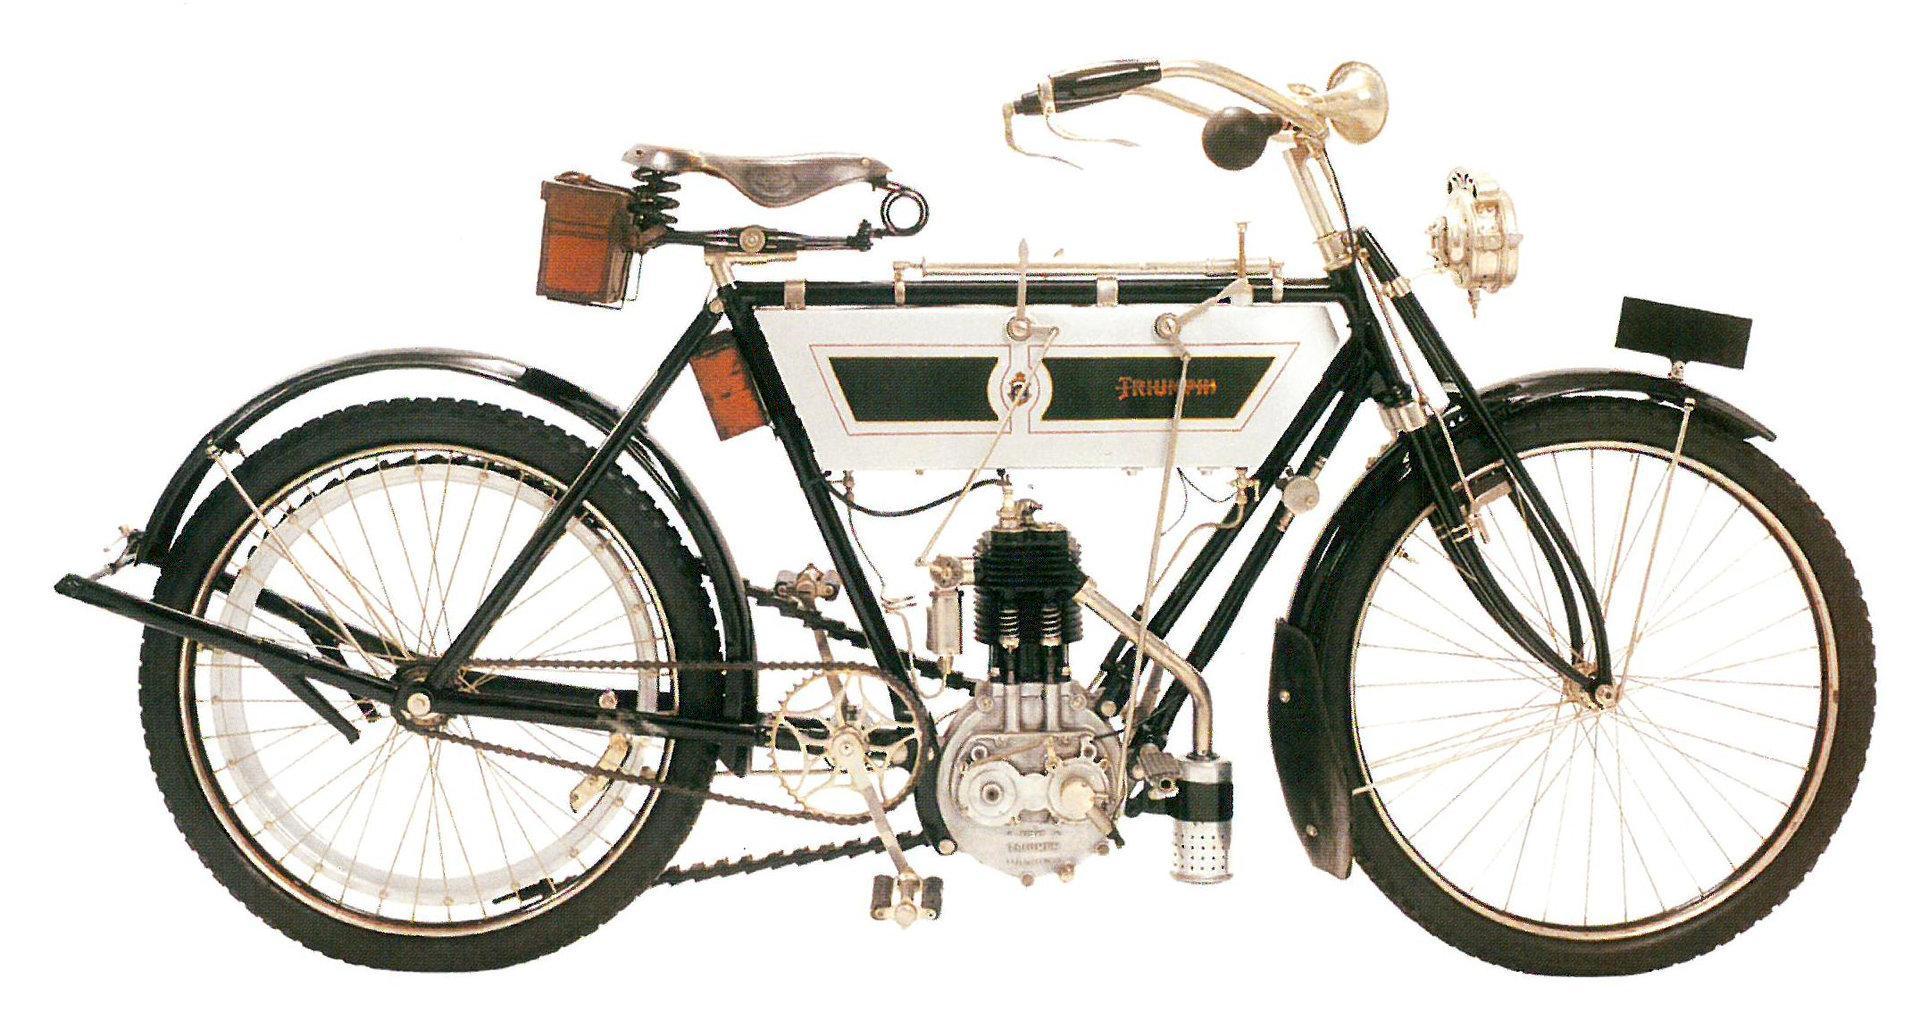 Moto del día: Triumph 3 HP